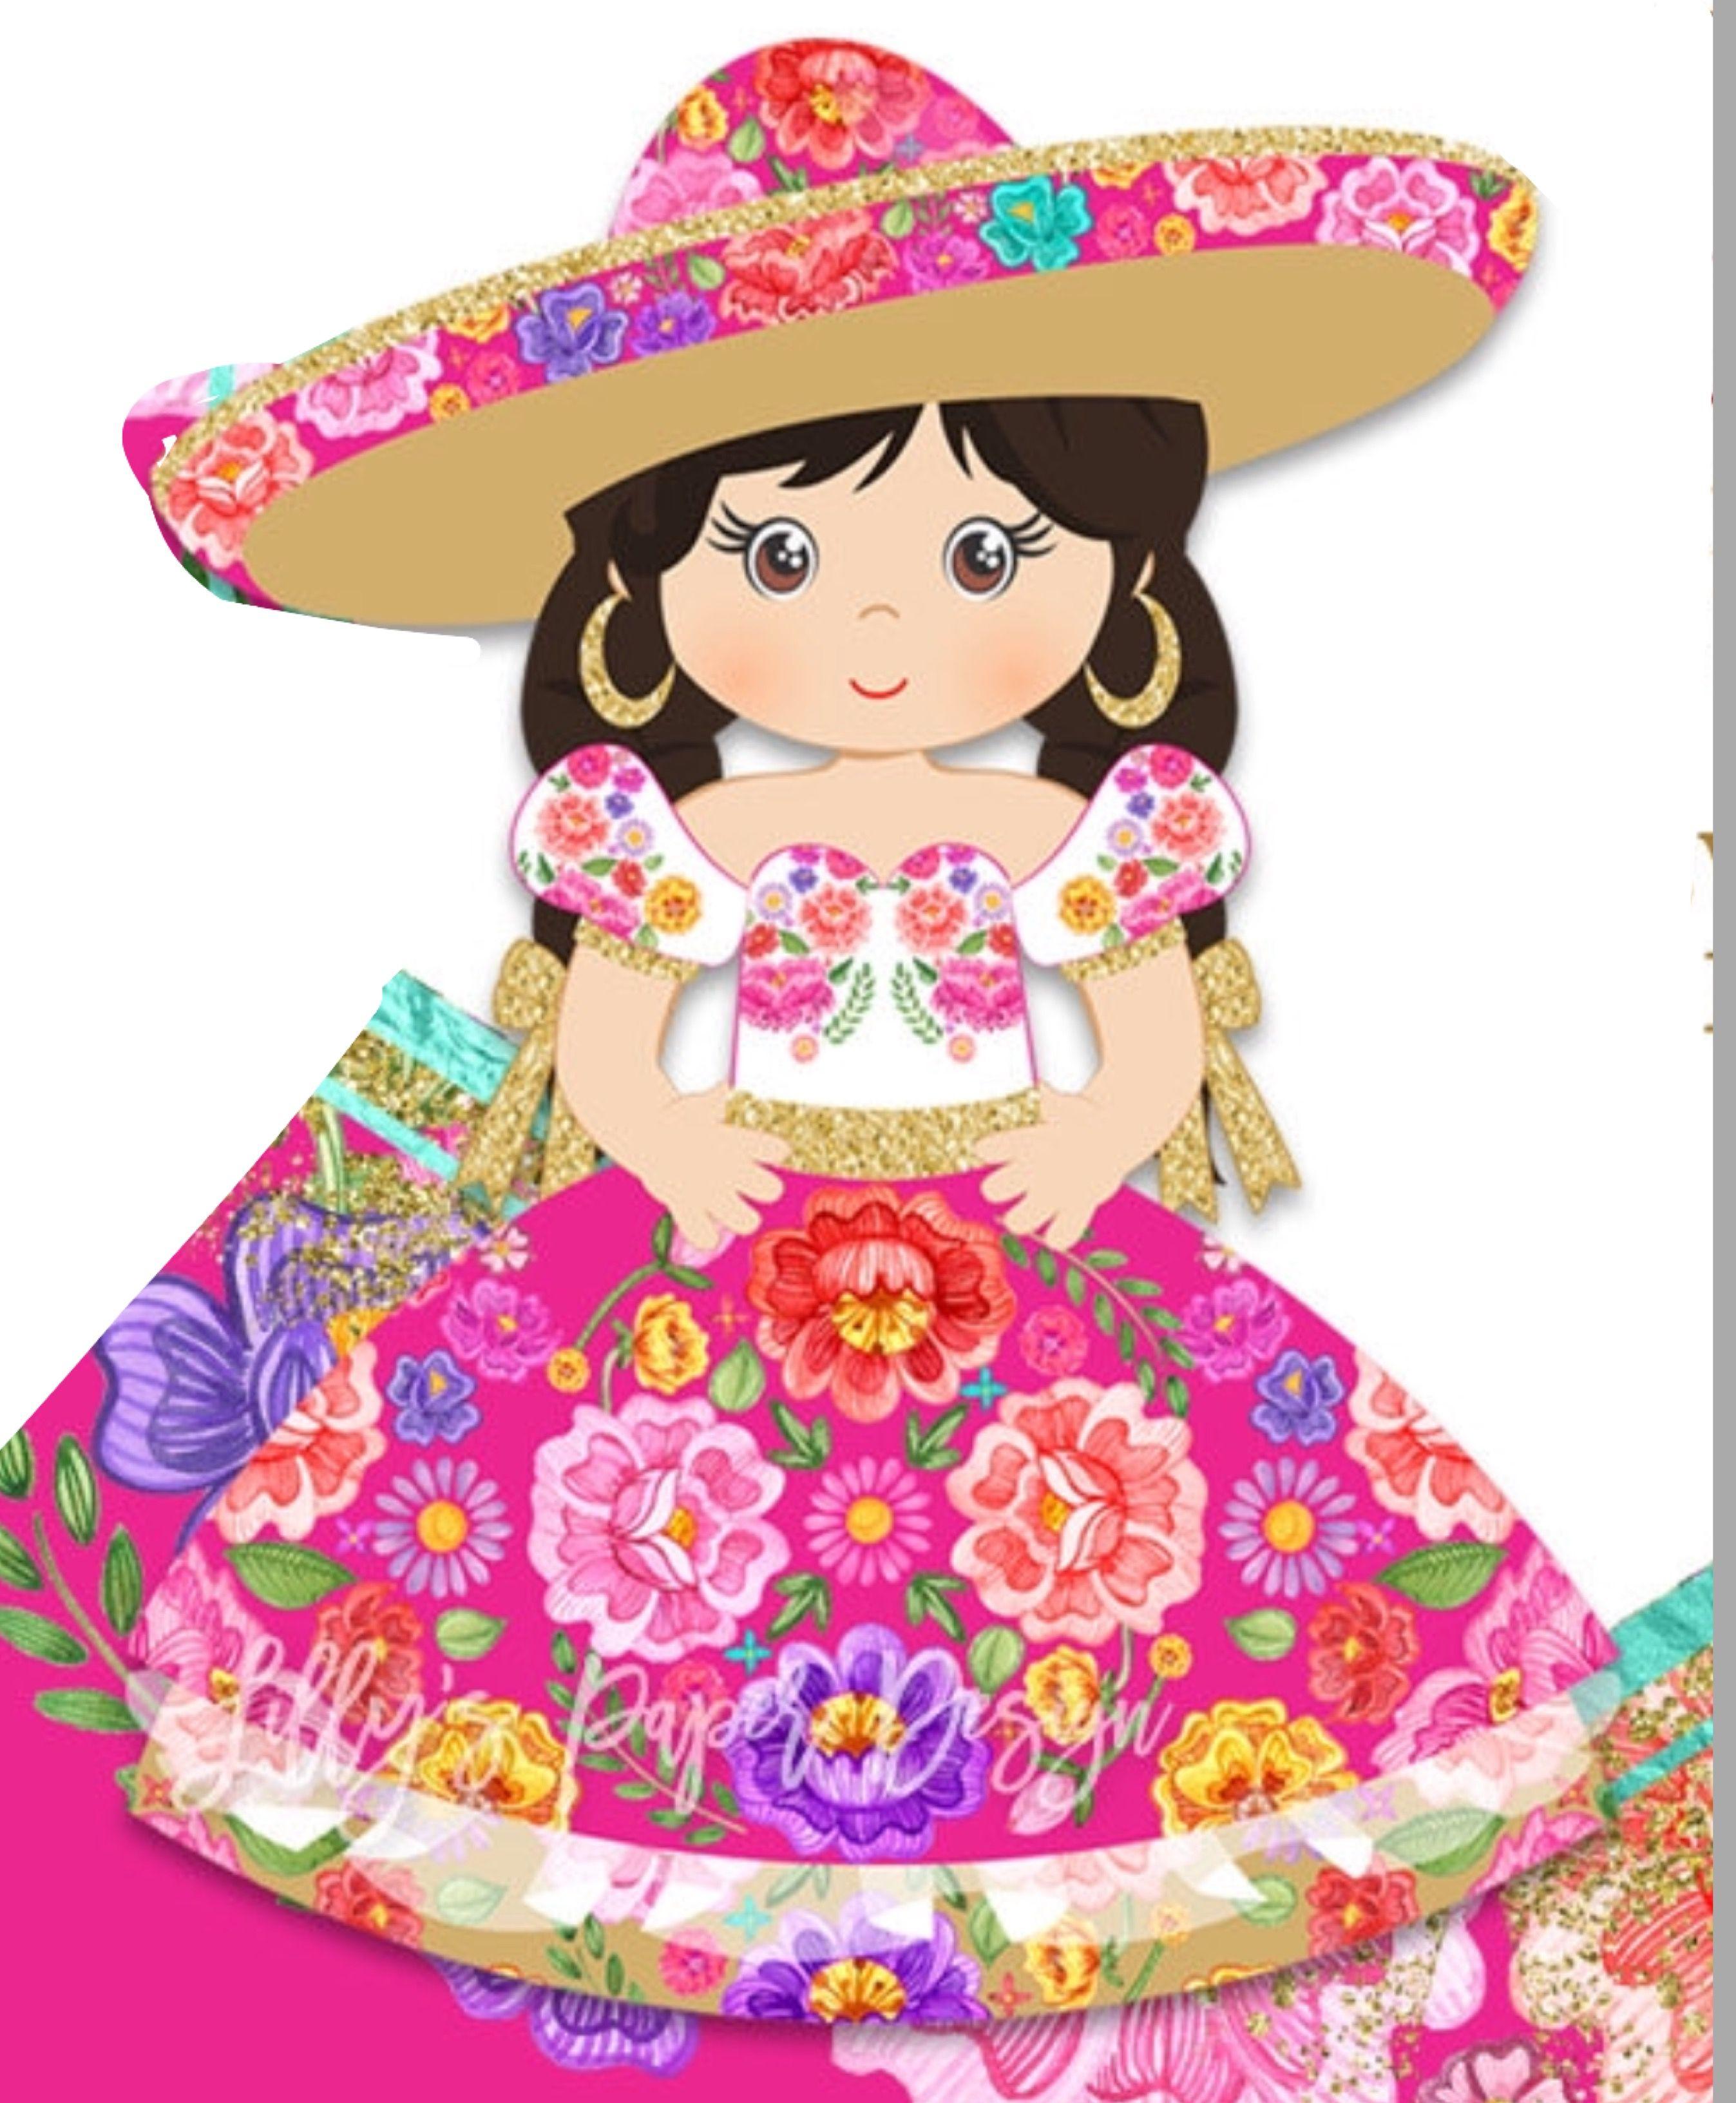 Rossy Zavala Munequitas Mexicanas Con Nombres Munecas De Trapo Mexicanas Fiestas Patrias De Mexico